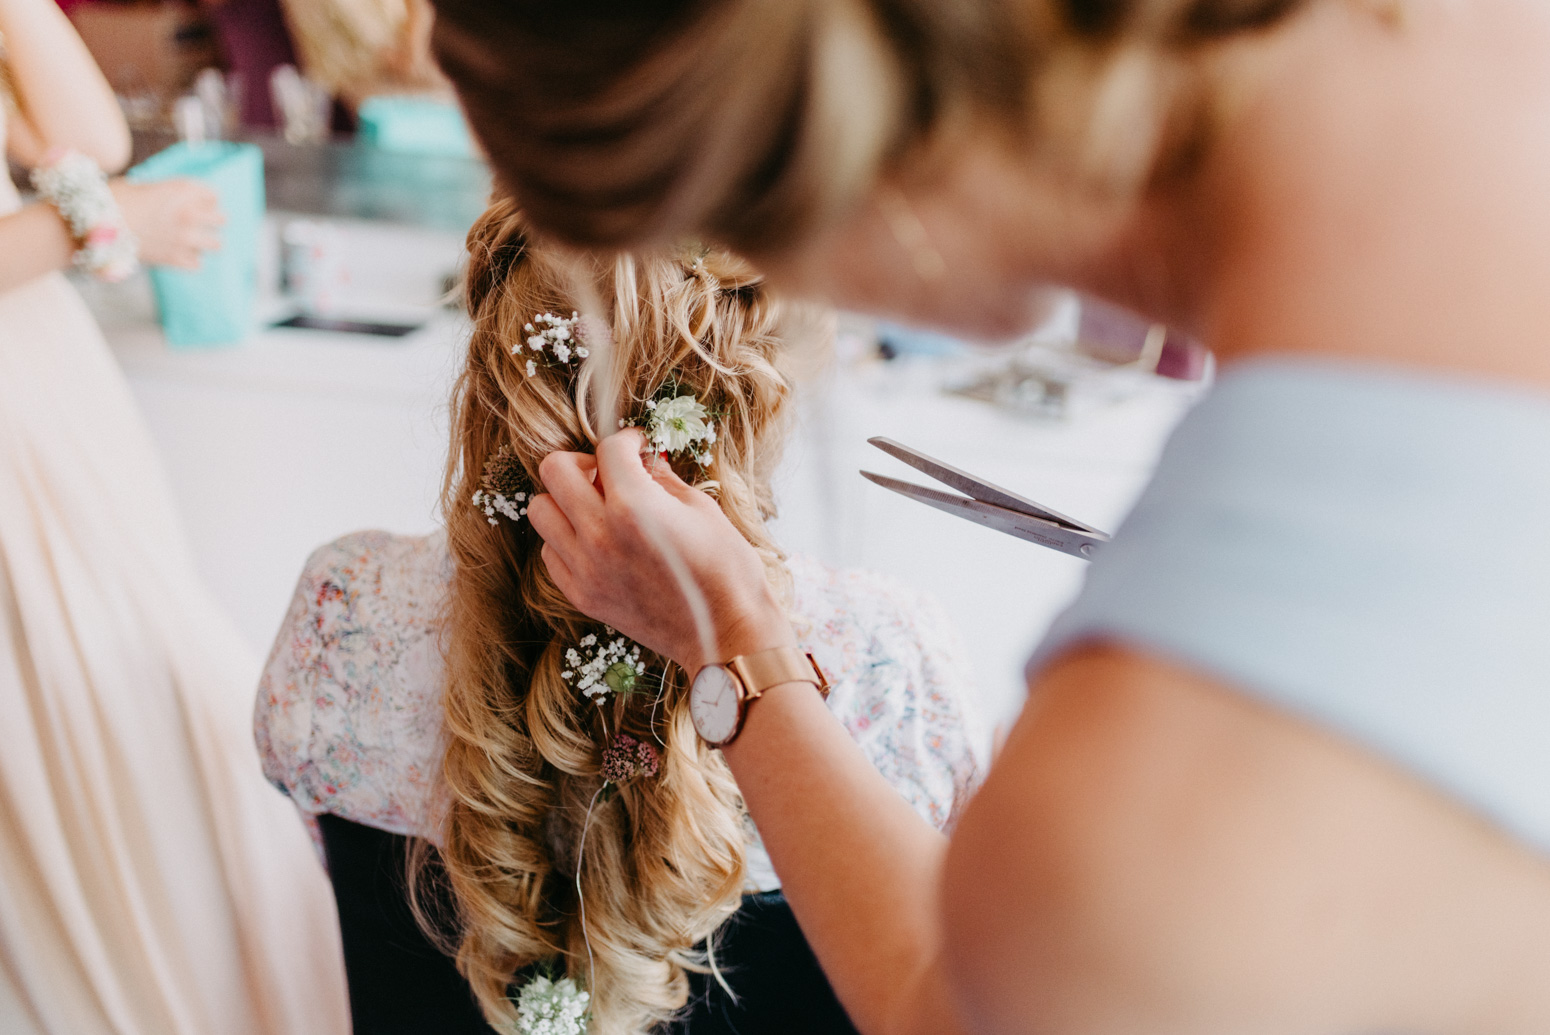 Wunderschöne Brautfrisur mit Blumen im Haar. Hochzeitsreportage von Genuine Bonds